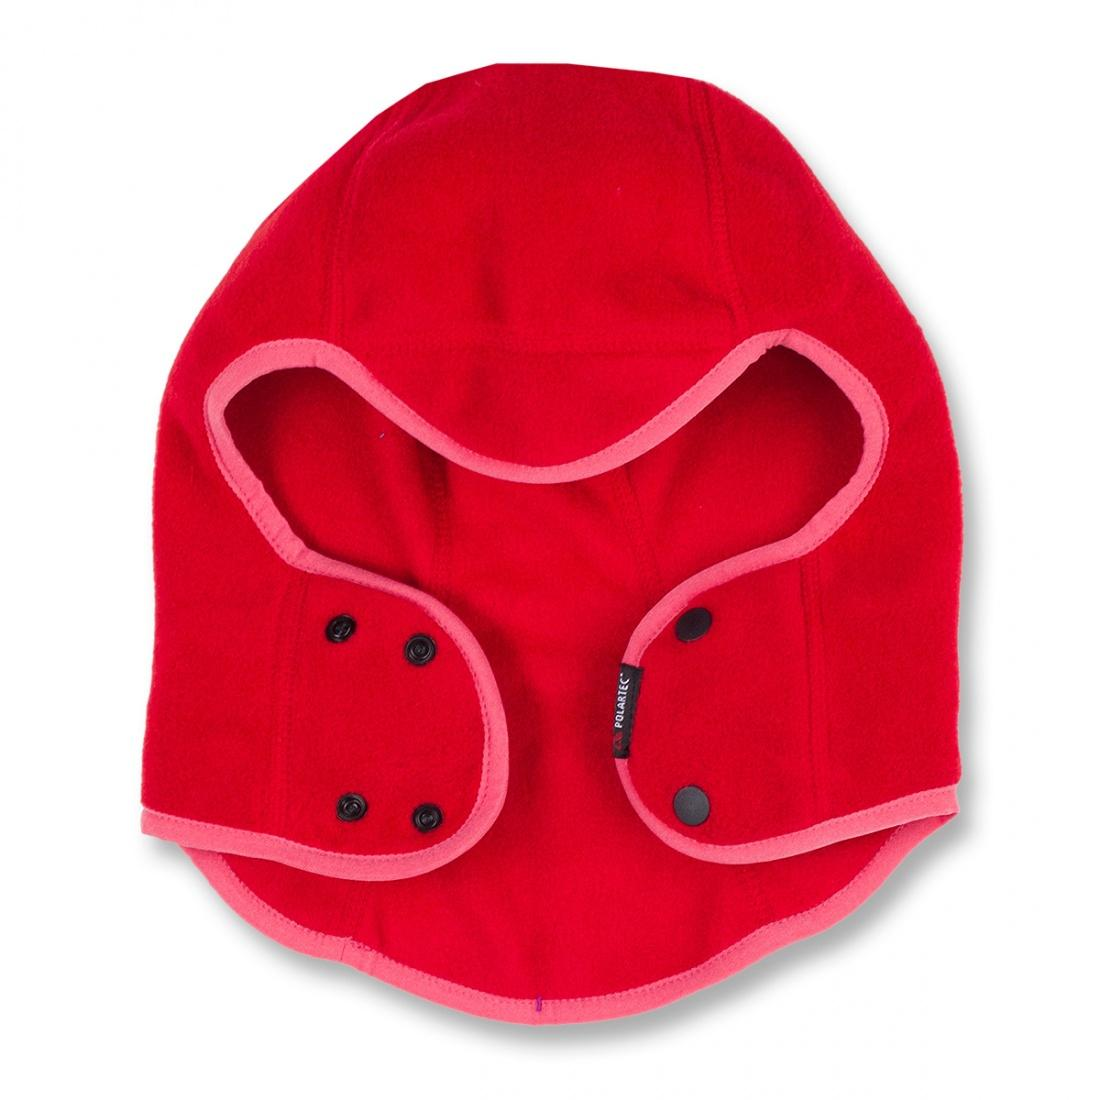 Шапка Cub II ДетскаяШапки<br><br><br>Цвет: Красный<br>Размер: L